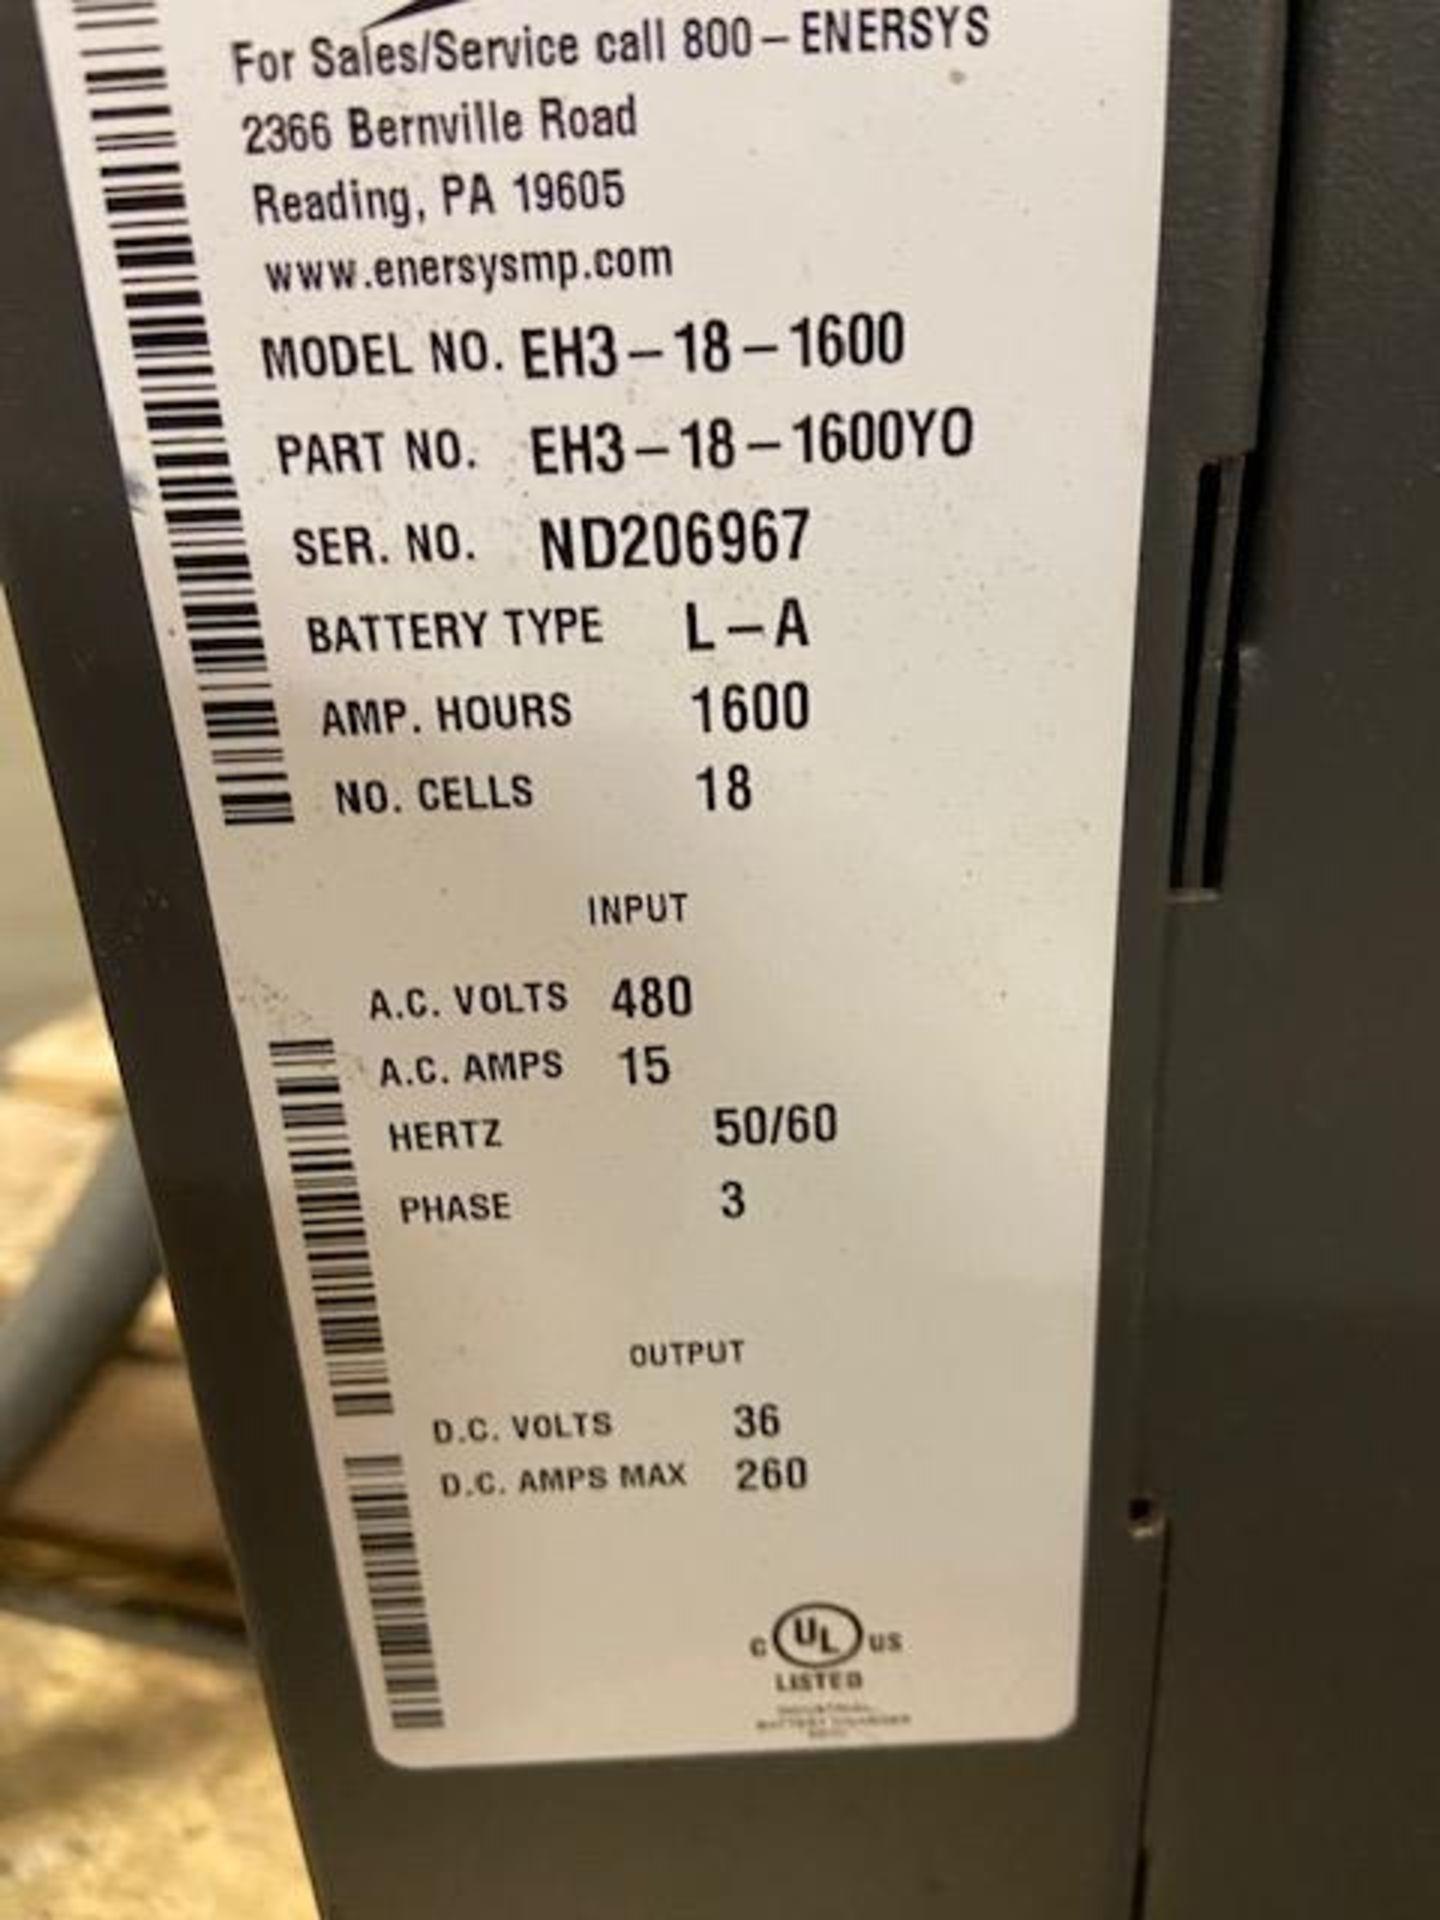 Enforcer Forklift Battery Charger 480V input 36V output - Image 2 of 2